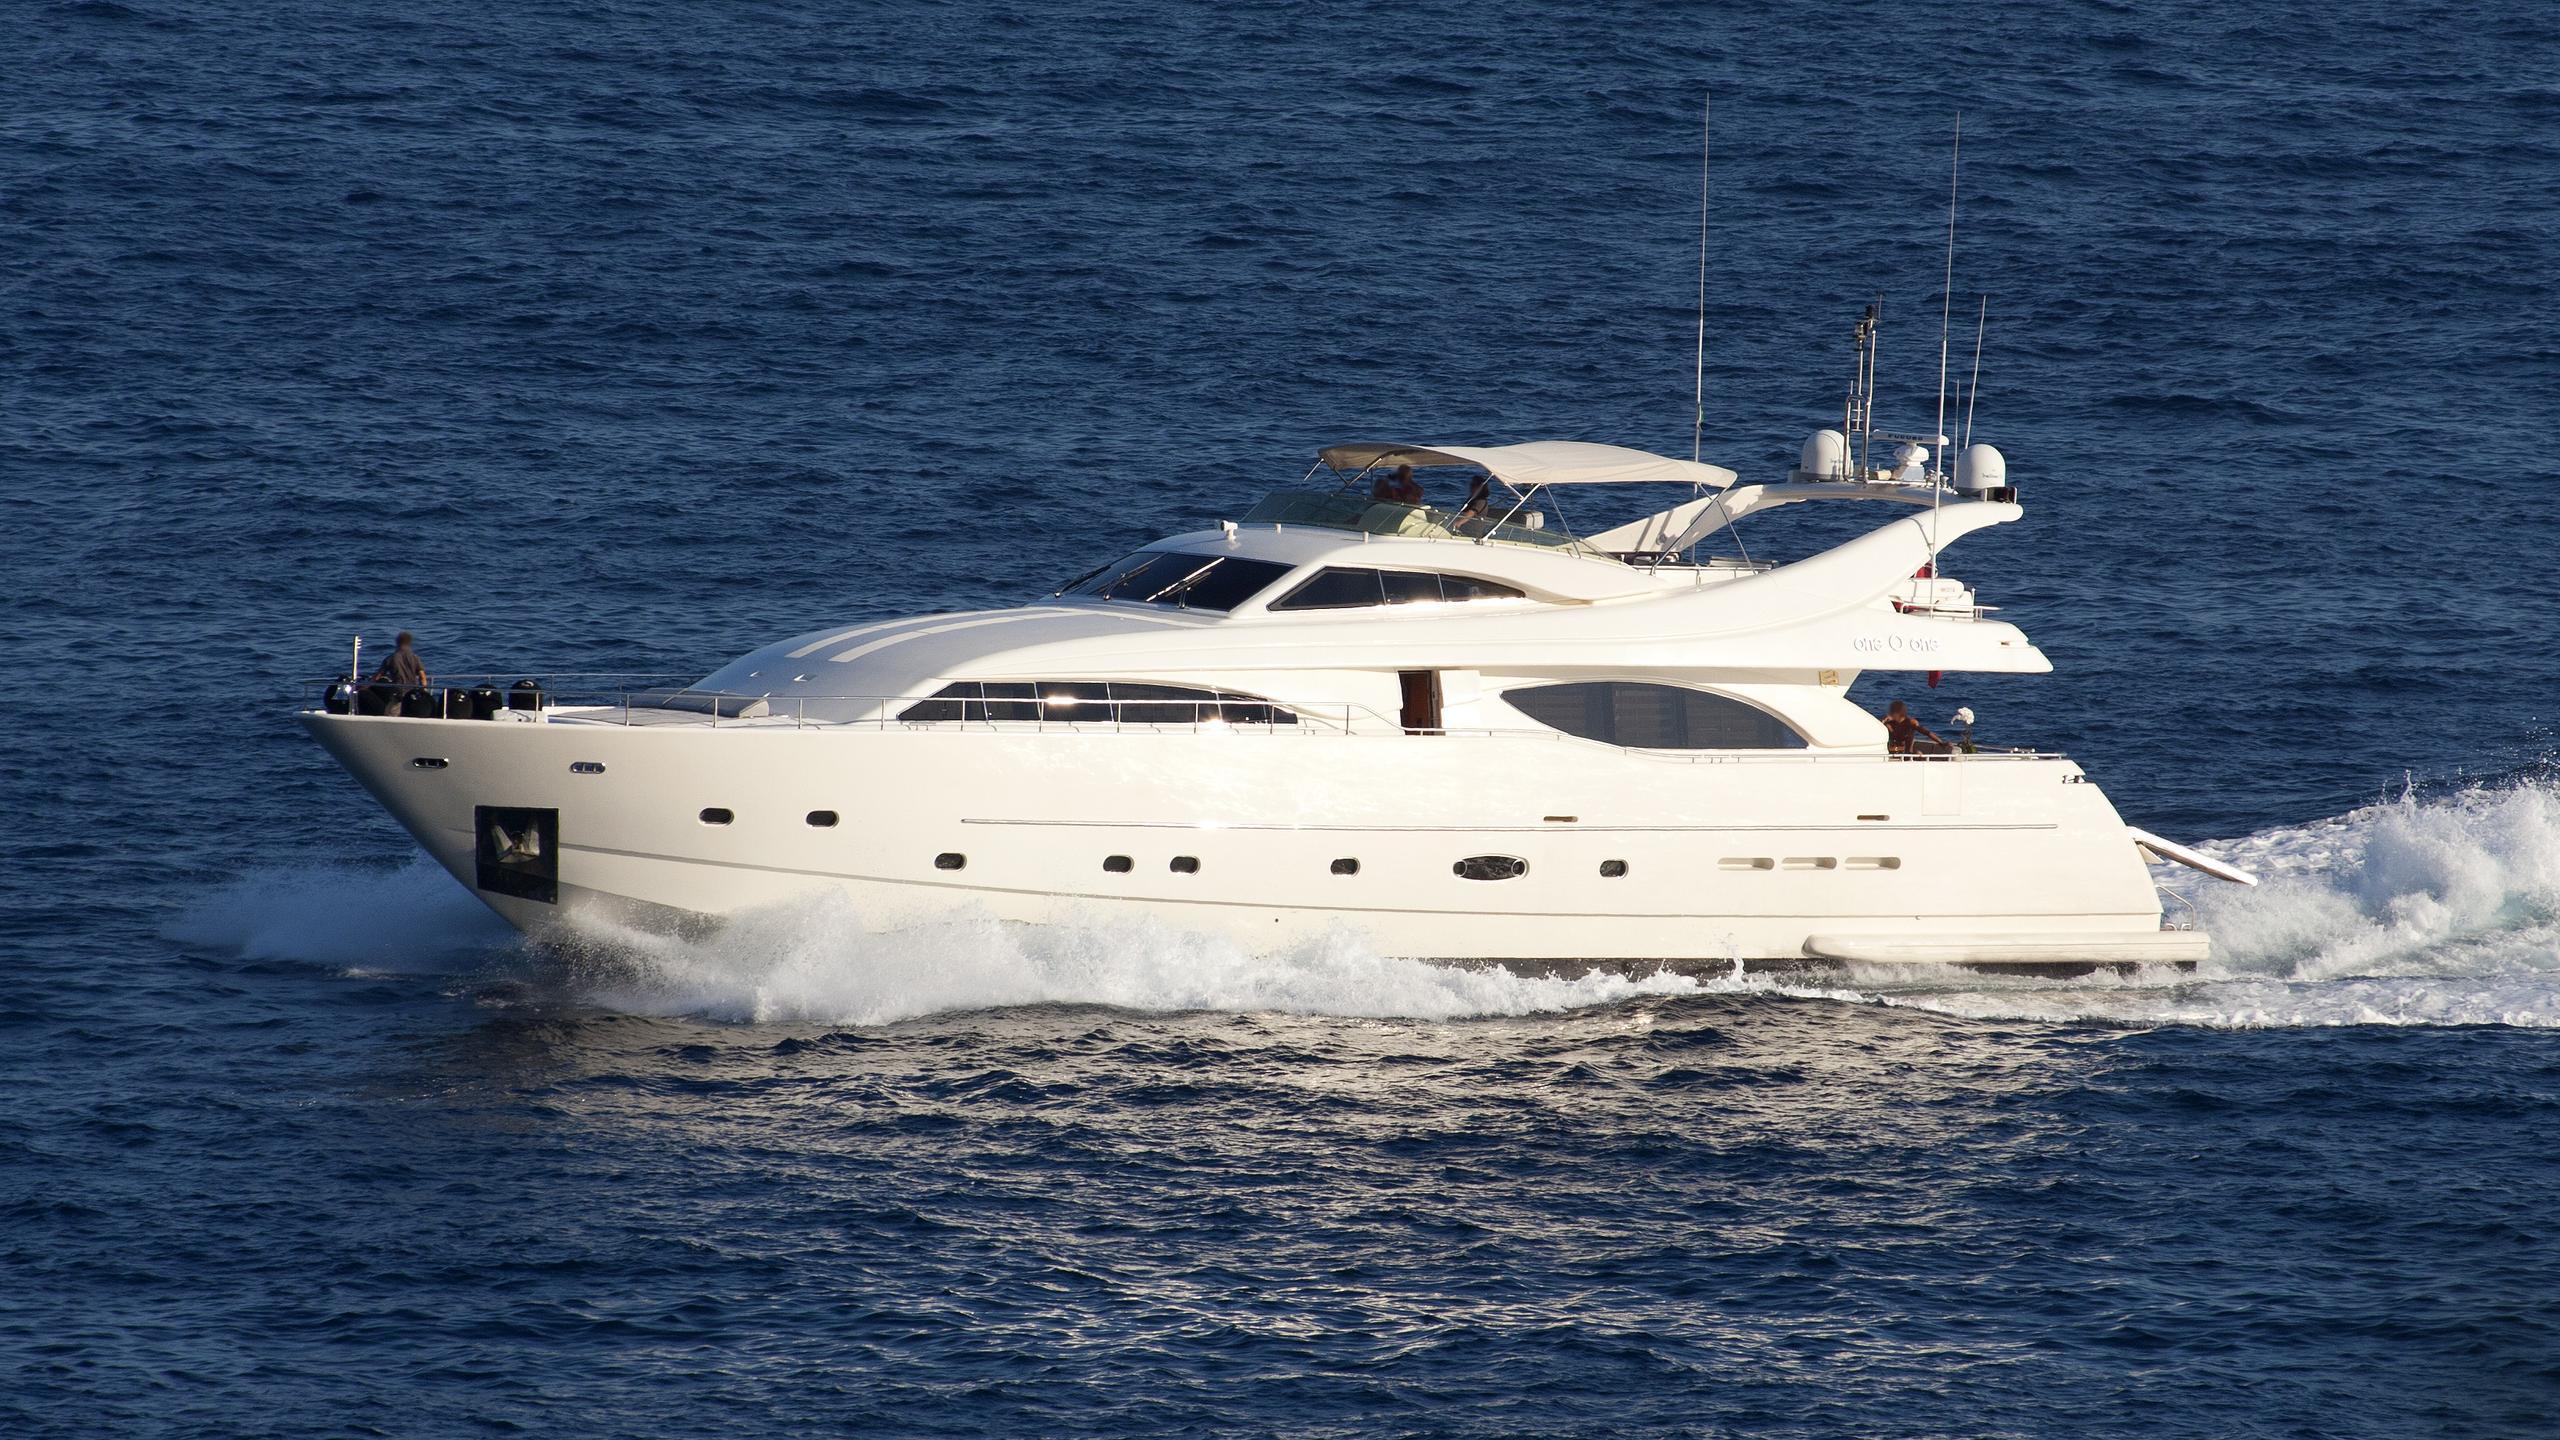 one-o-one-motor-yacht-ferretti-custom-line-94-2003-29m-cruising